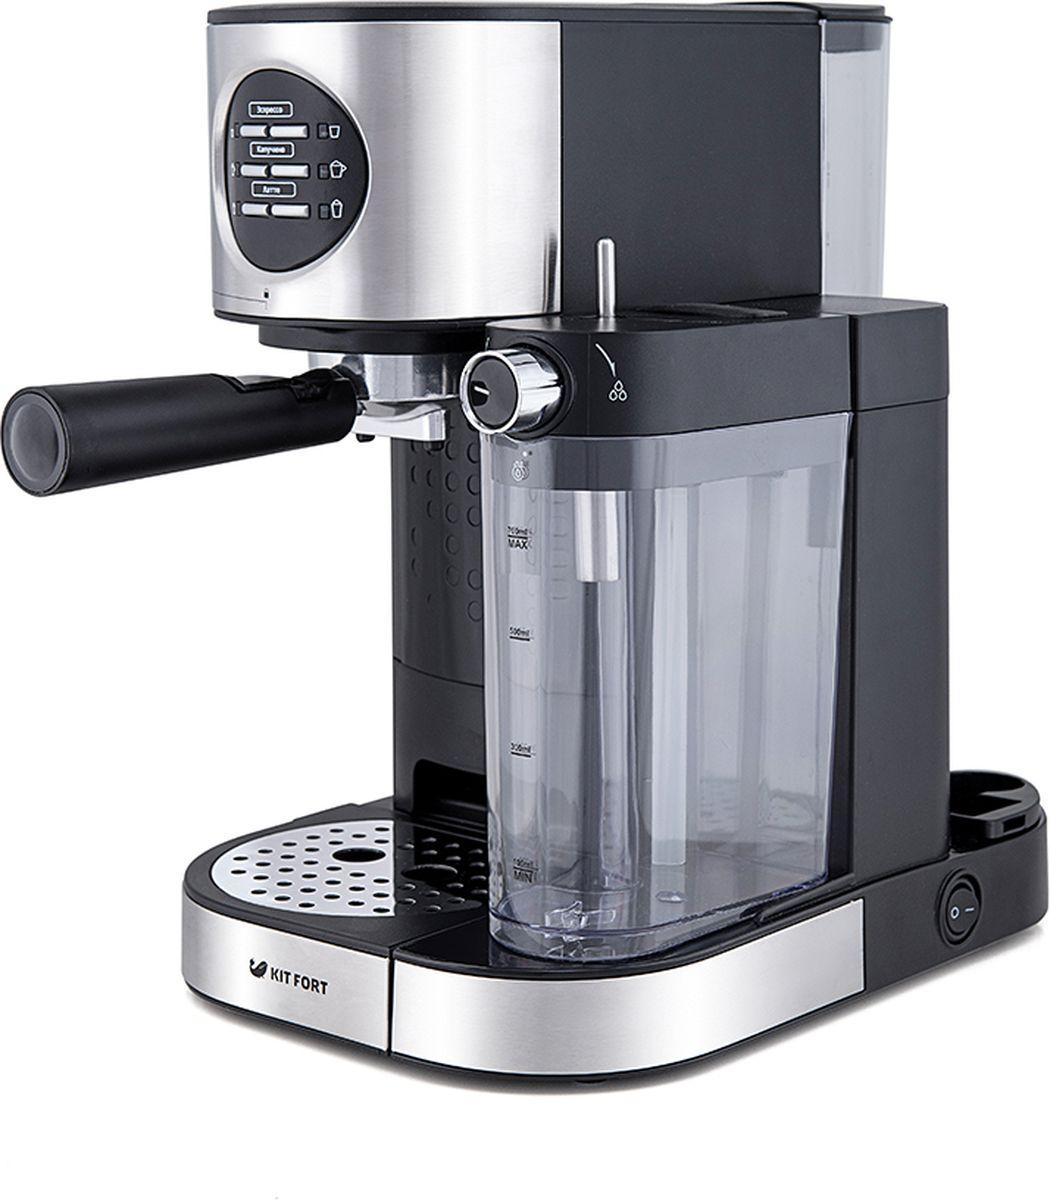 Kitfort КТ-703 кофеваркаКТ-703Помповая рожковая автоматическая кофеварка Kitfort КТ-703 поможет приготовить кофе эспрессо, капучино или латте. Тип и объем напитка выбирается нажатием кнопки, а молочная пенка приготовляется во встроенном автоматическом капучинаторе.Принцип действия кофеварки основан на пропускании горячей воды под давлением в несколько атмосфер через слой молотого кофе. Температура воды контролируется встроенным термостатом. Это позволяет быстро и полно экстрагировать из заварки все полезные вещества и получить отличный кофе. А благодаря функции взбивания молочной пены вы сможете приготовить настоящий капучино или латте. Функция программирования позволяет подстроить количество напитка под объем чашки.